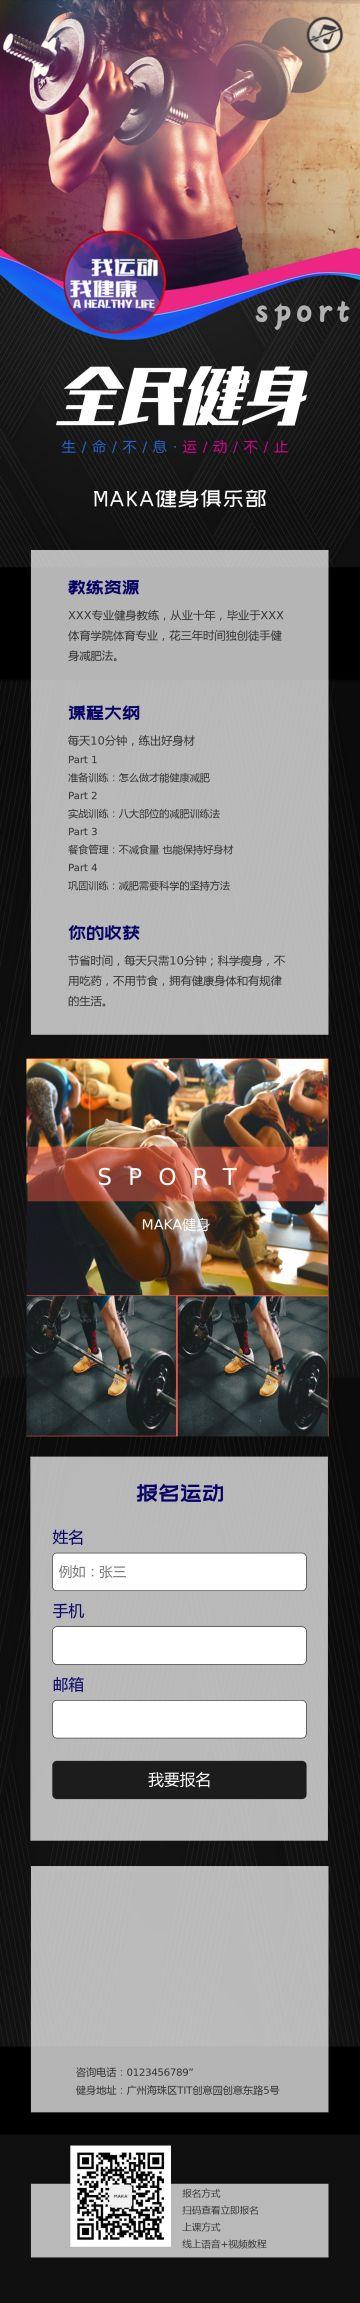 简约时尚健身房健身会所招生、促销宣传单页